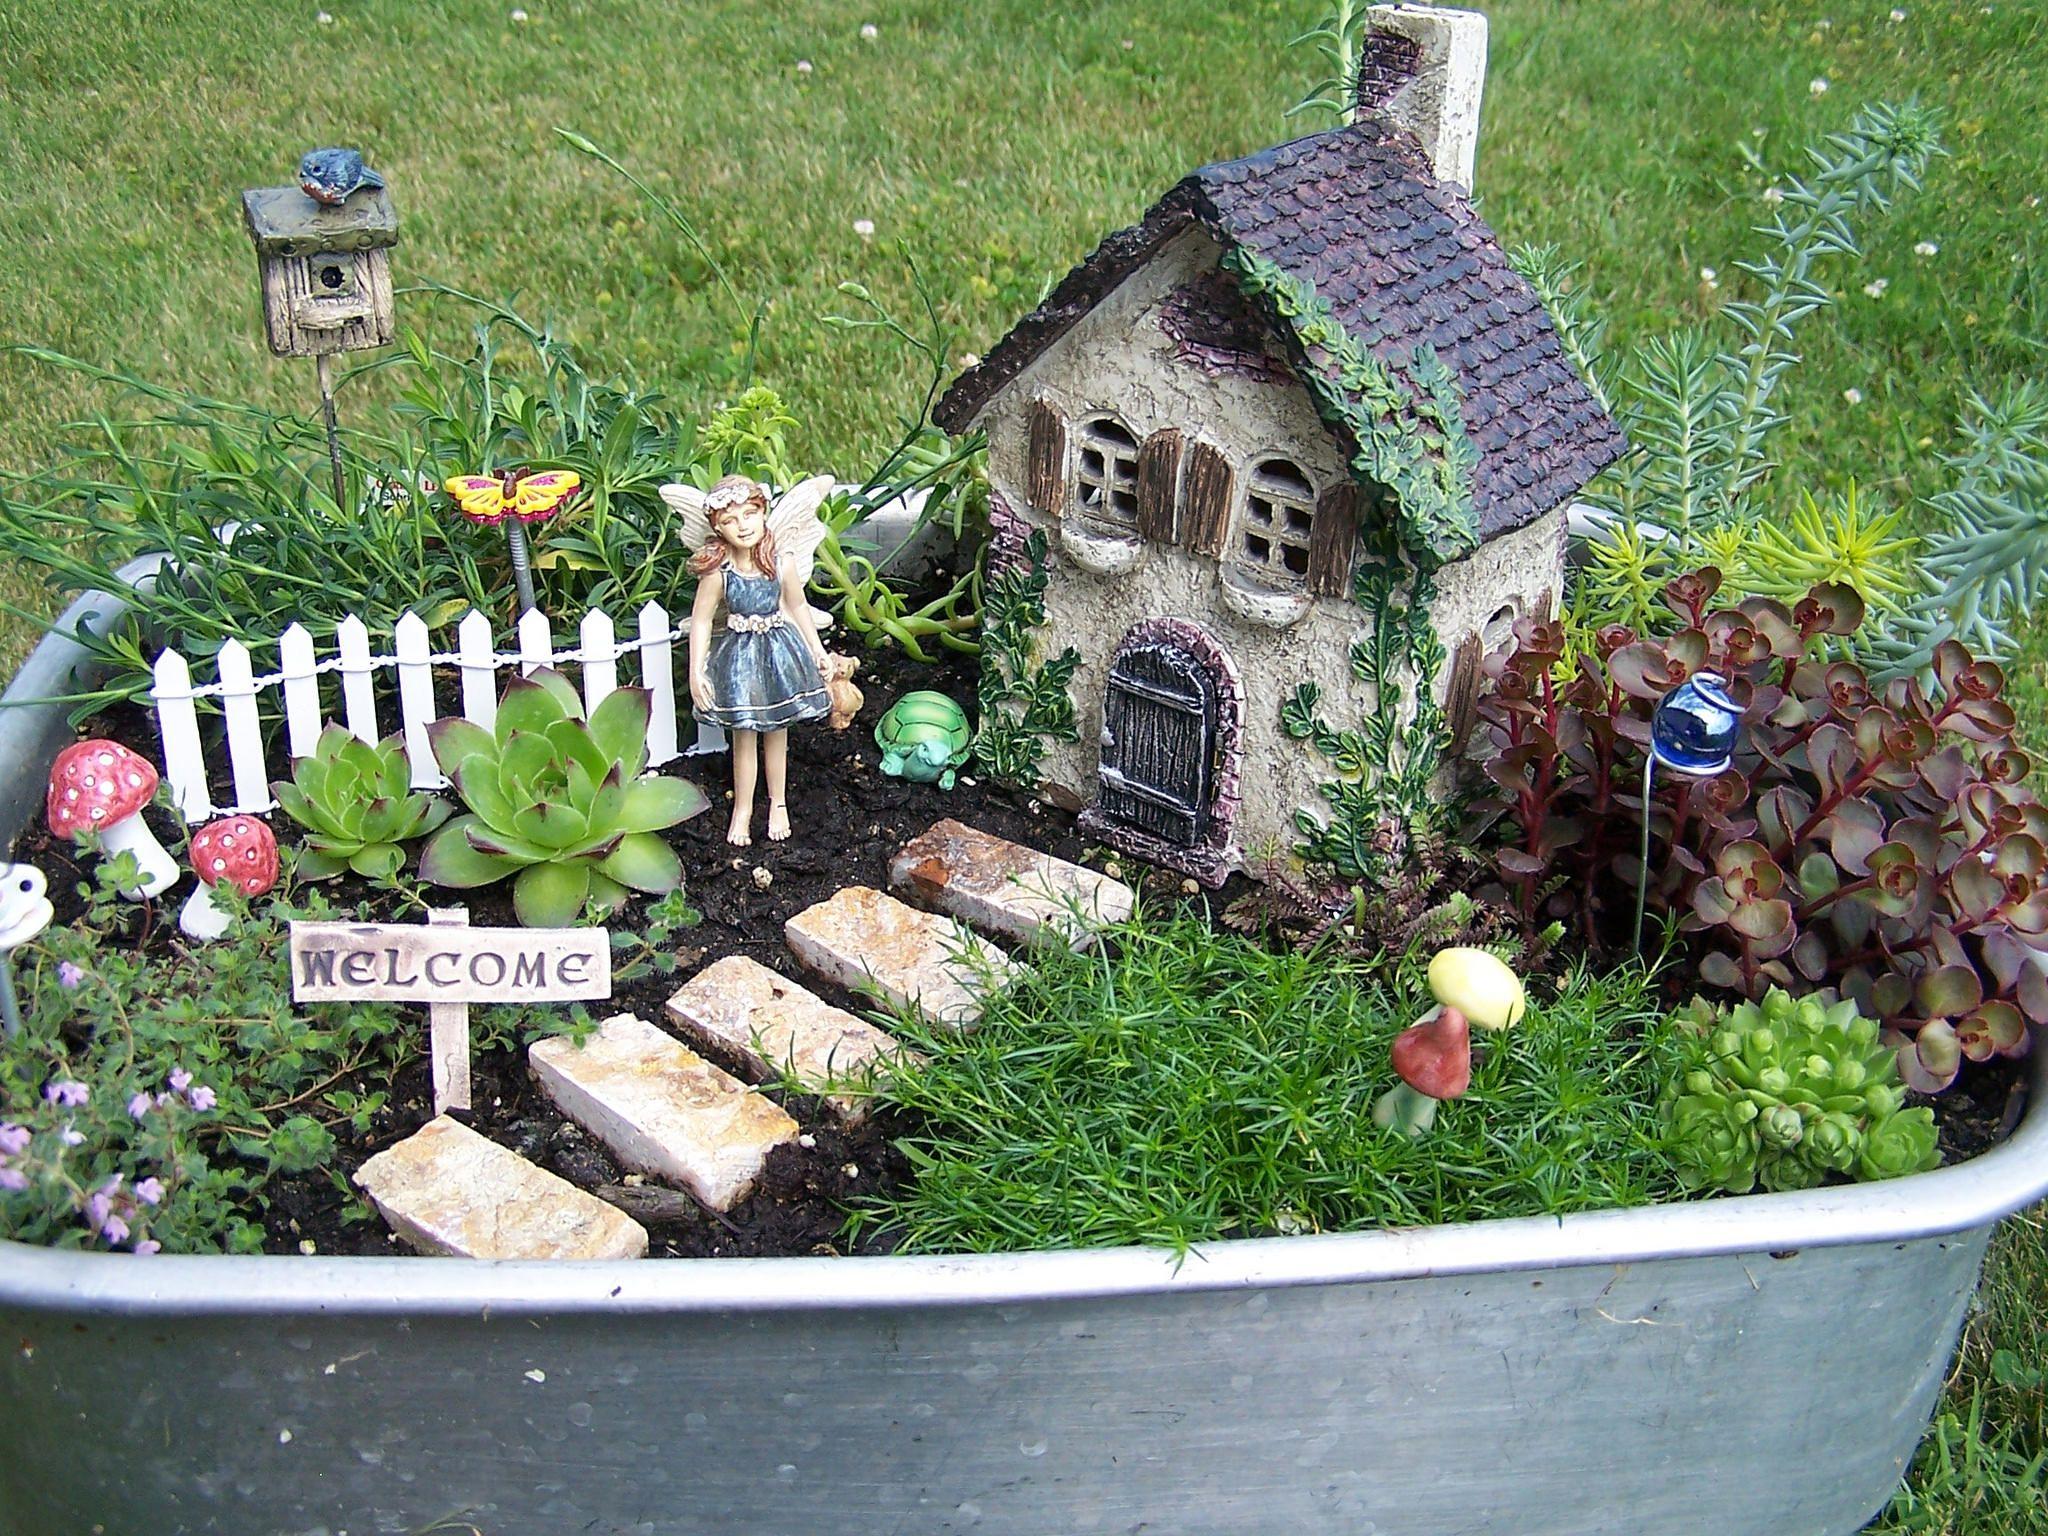 100 2476 Fairy Garden Containers Fairy Garden Diy Fairy Garden